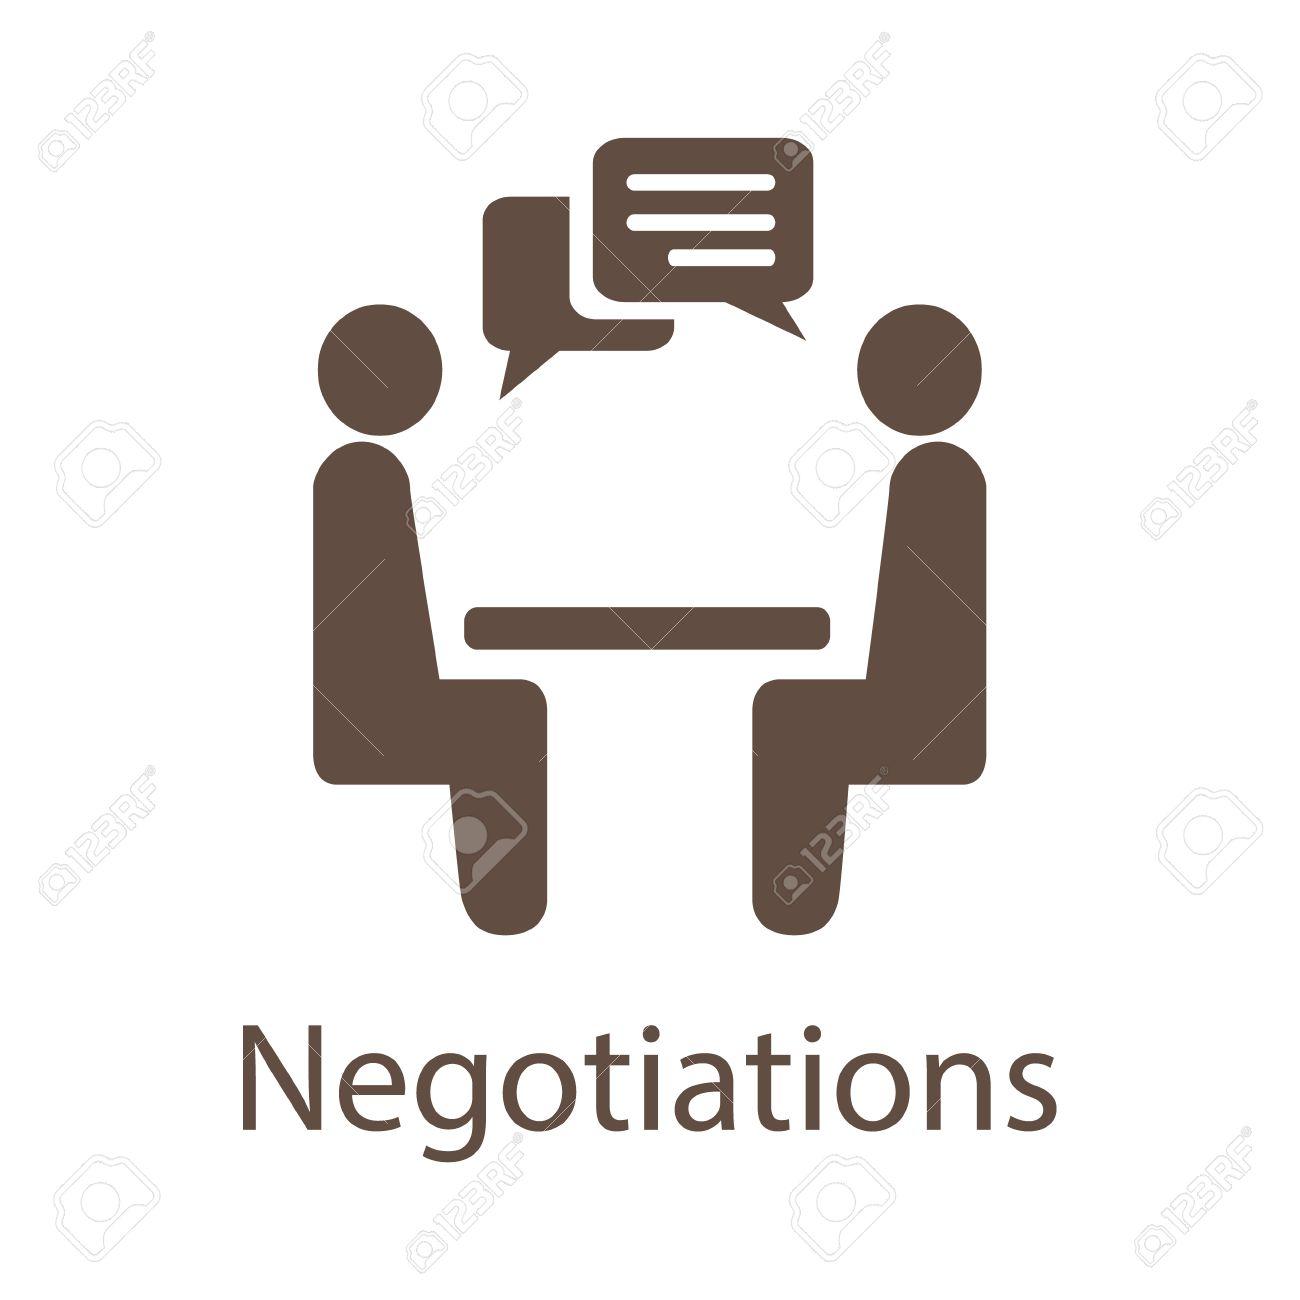 Negotiation Vector Icon. - 54227464